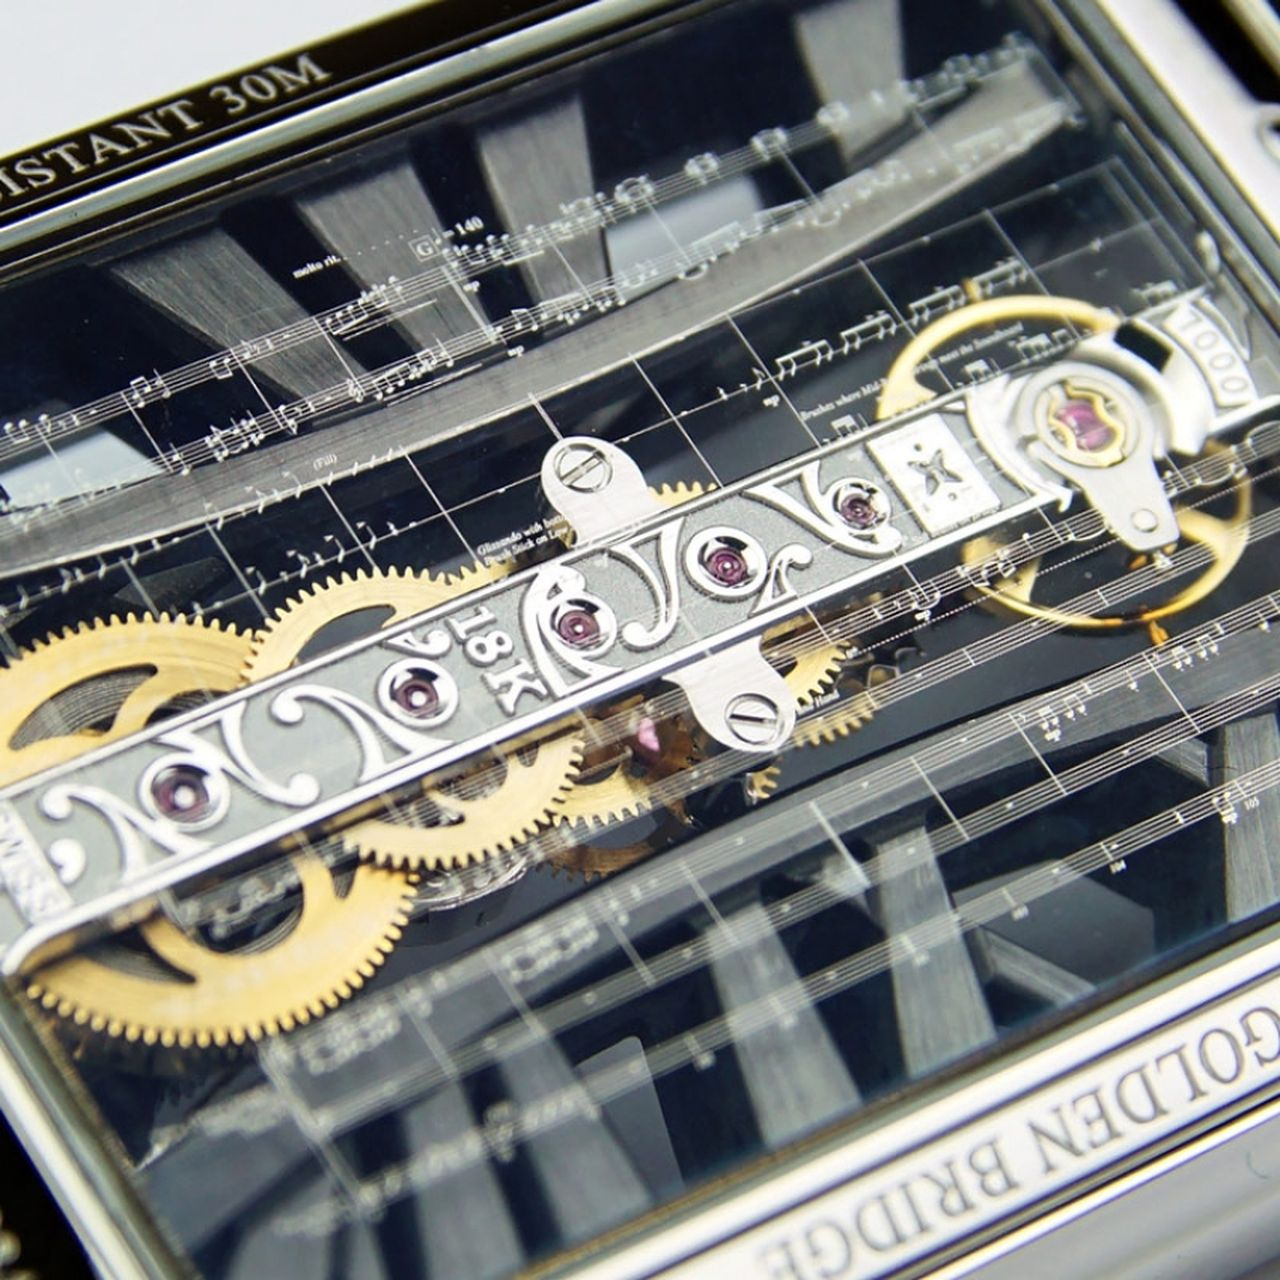 Corum Golden Bridge Rectangle Joachim Horsley - VII. szimfónia, 2. tétel - vajon Beethoven jogdíjat kérne, vagy inkább egy órát